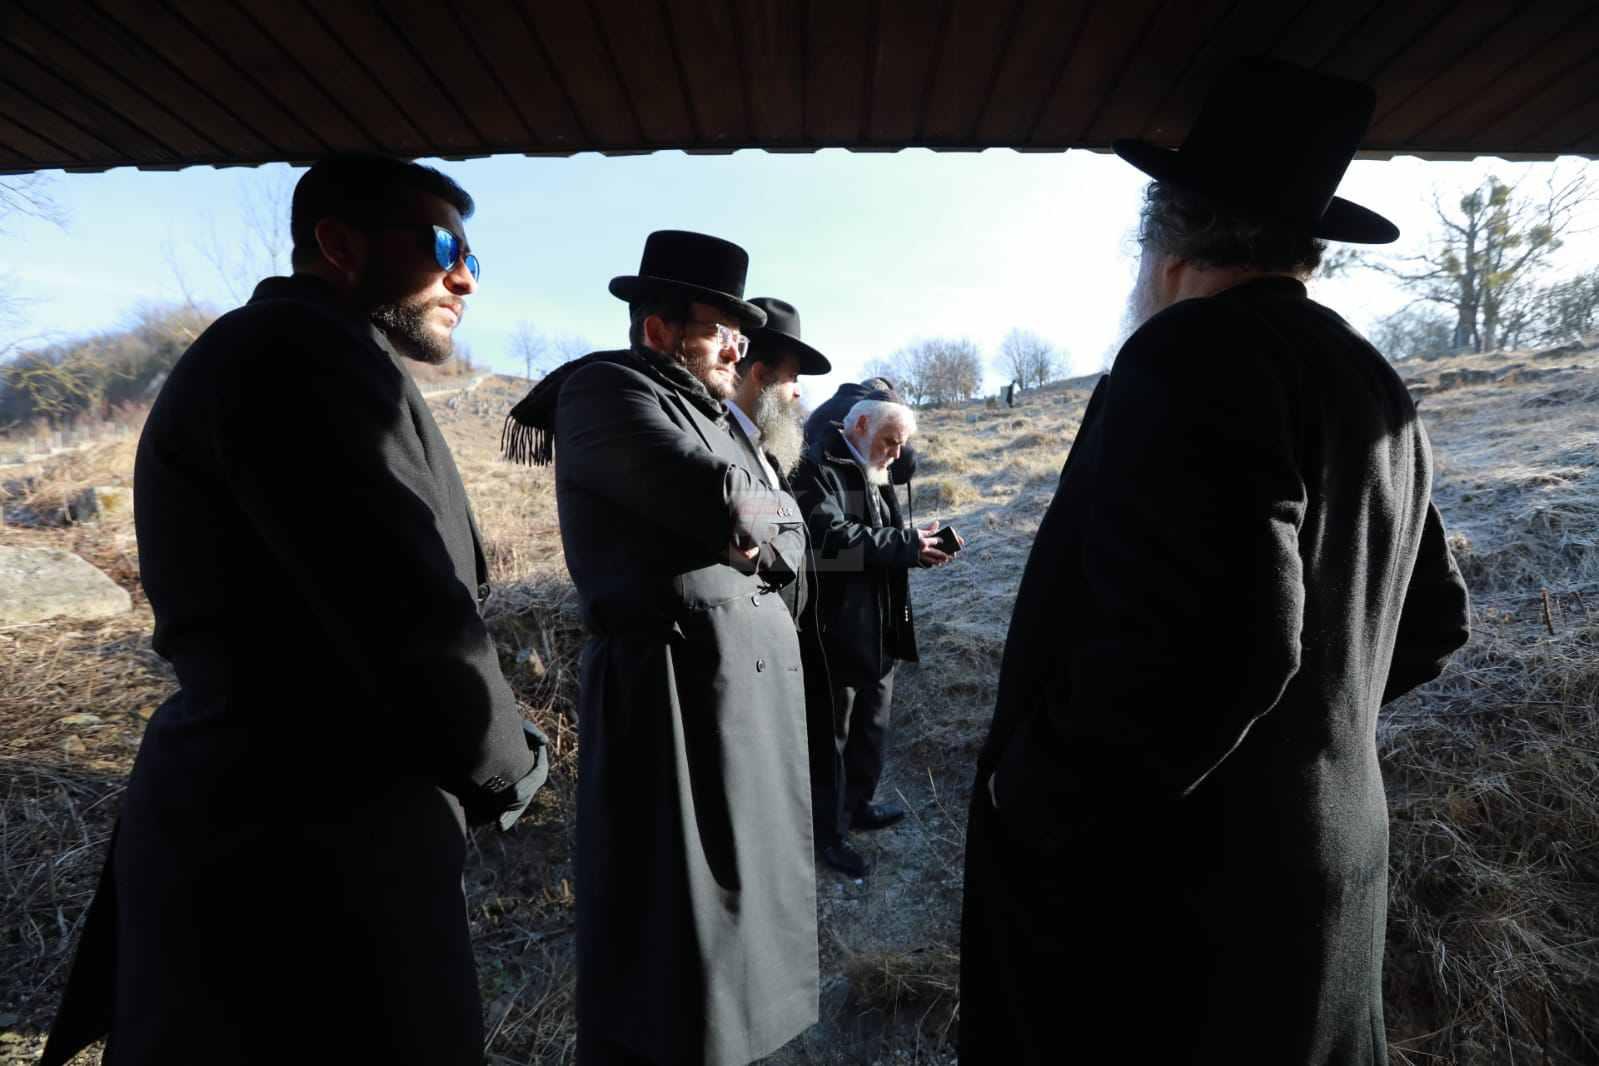 מסע שפירא יום ג' צילום יעקב נחומי (11)